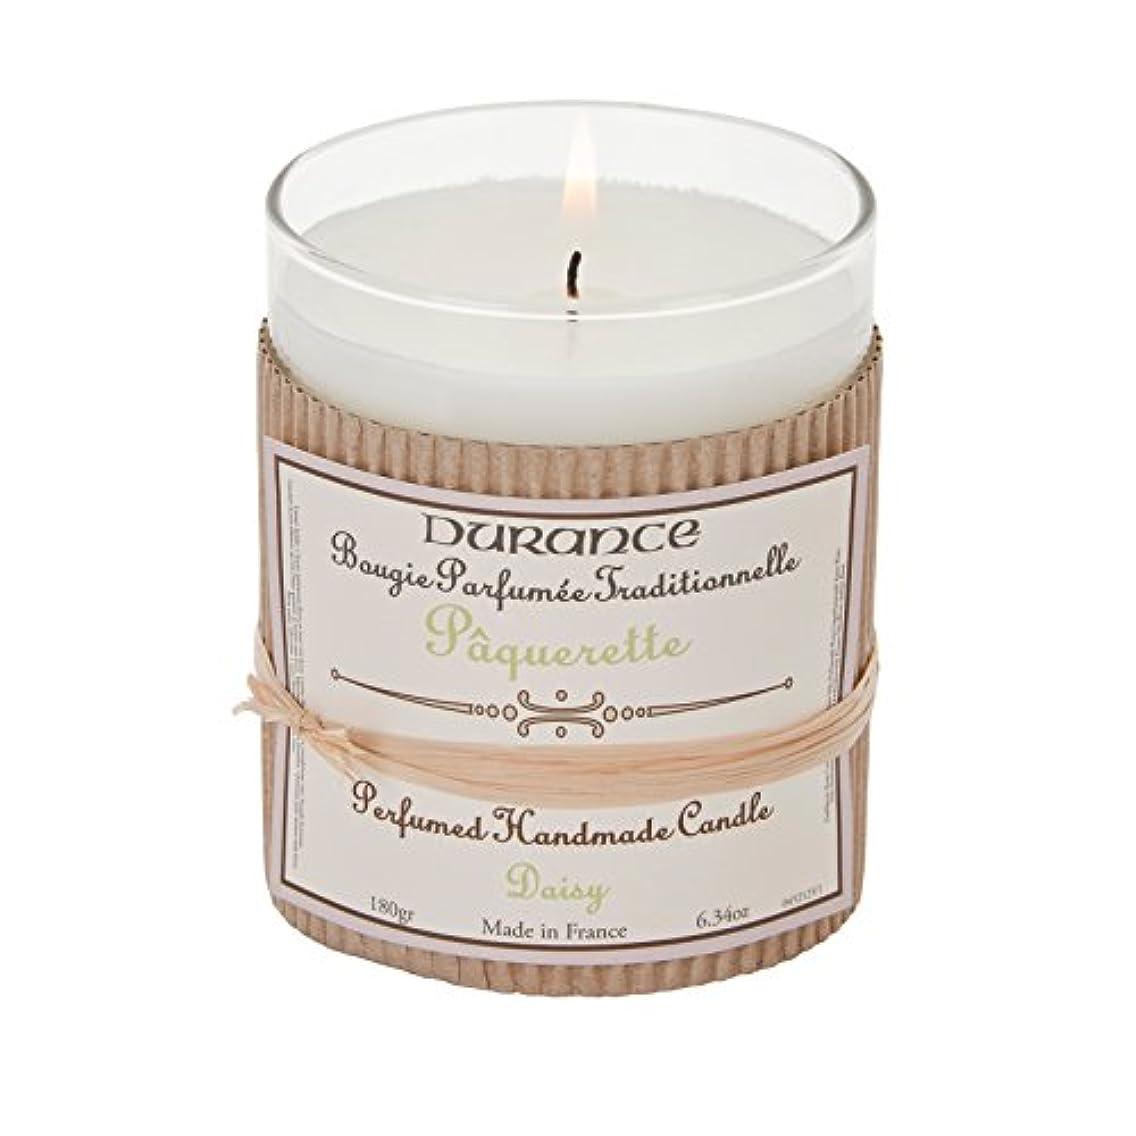 象はねかける唯一Durance De Provence Hand Crafted Scented Candle - Daisy